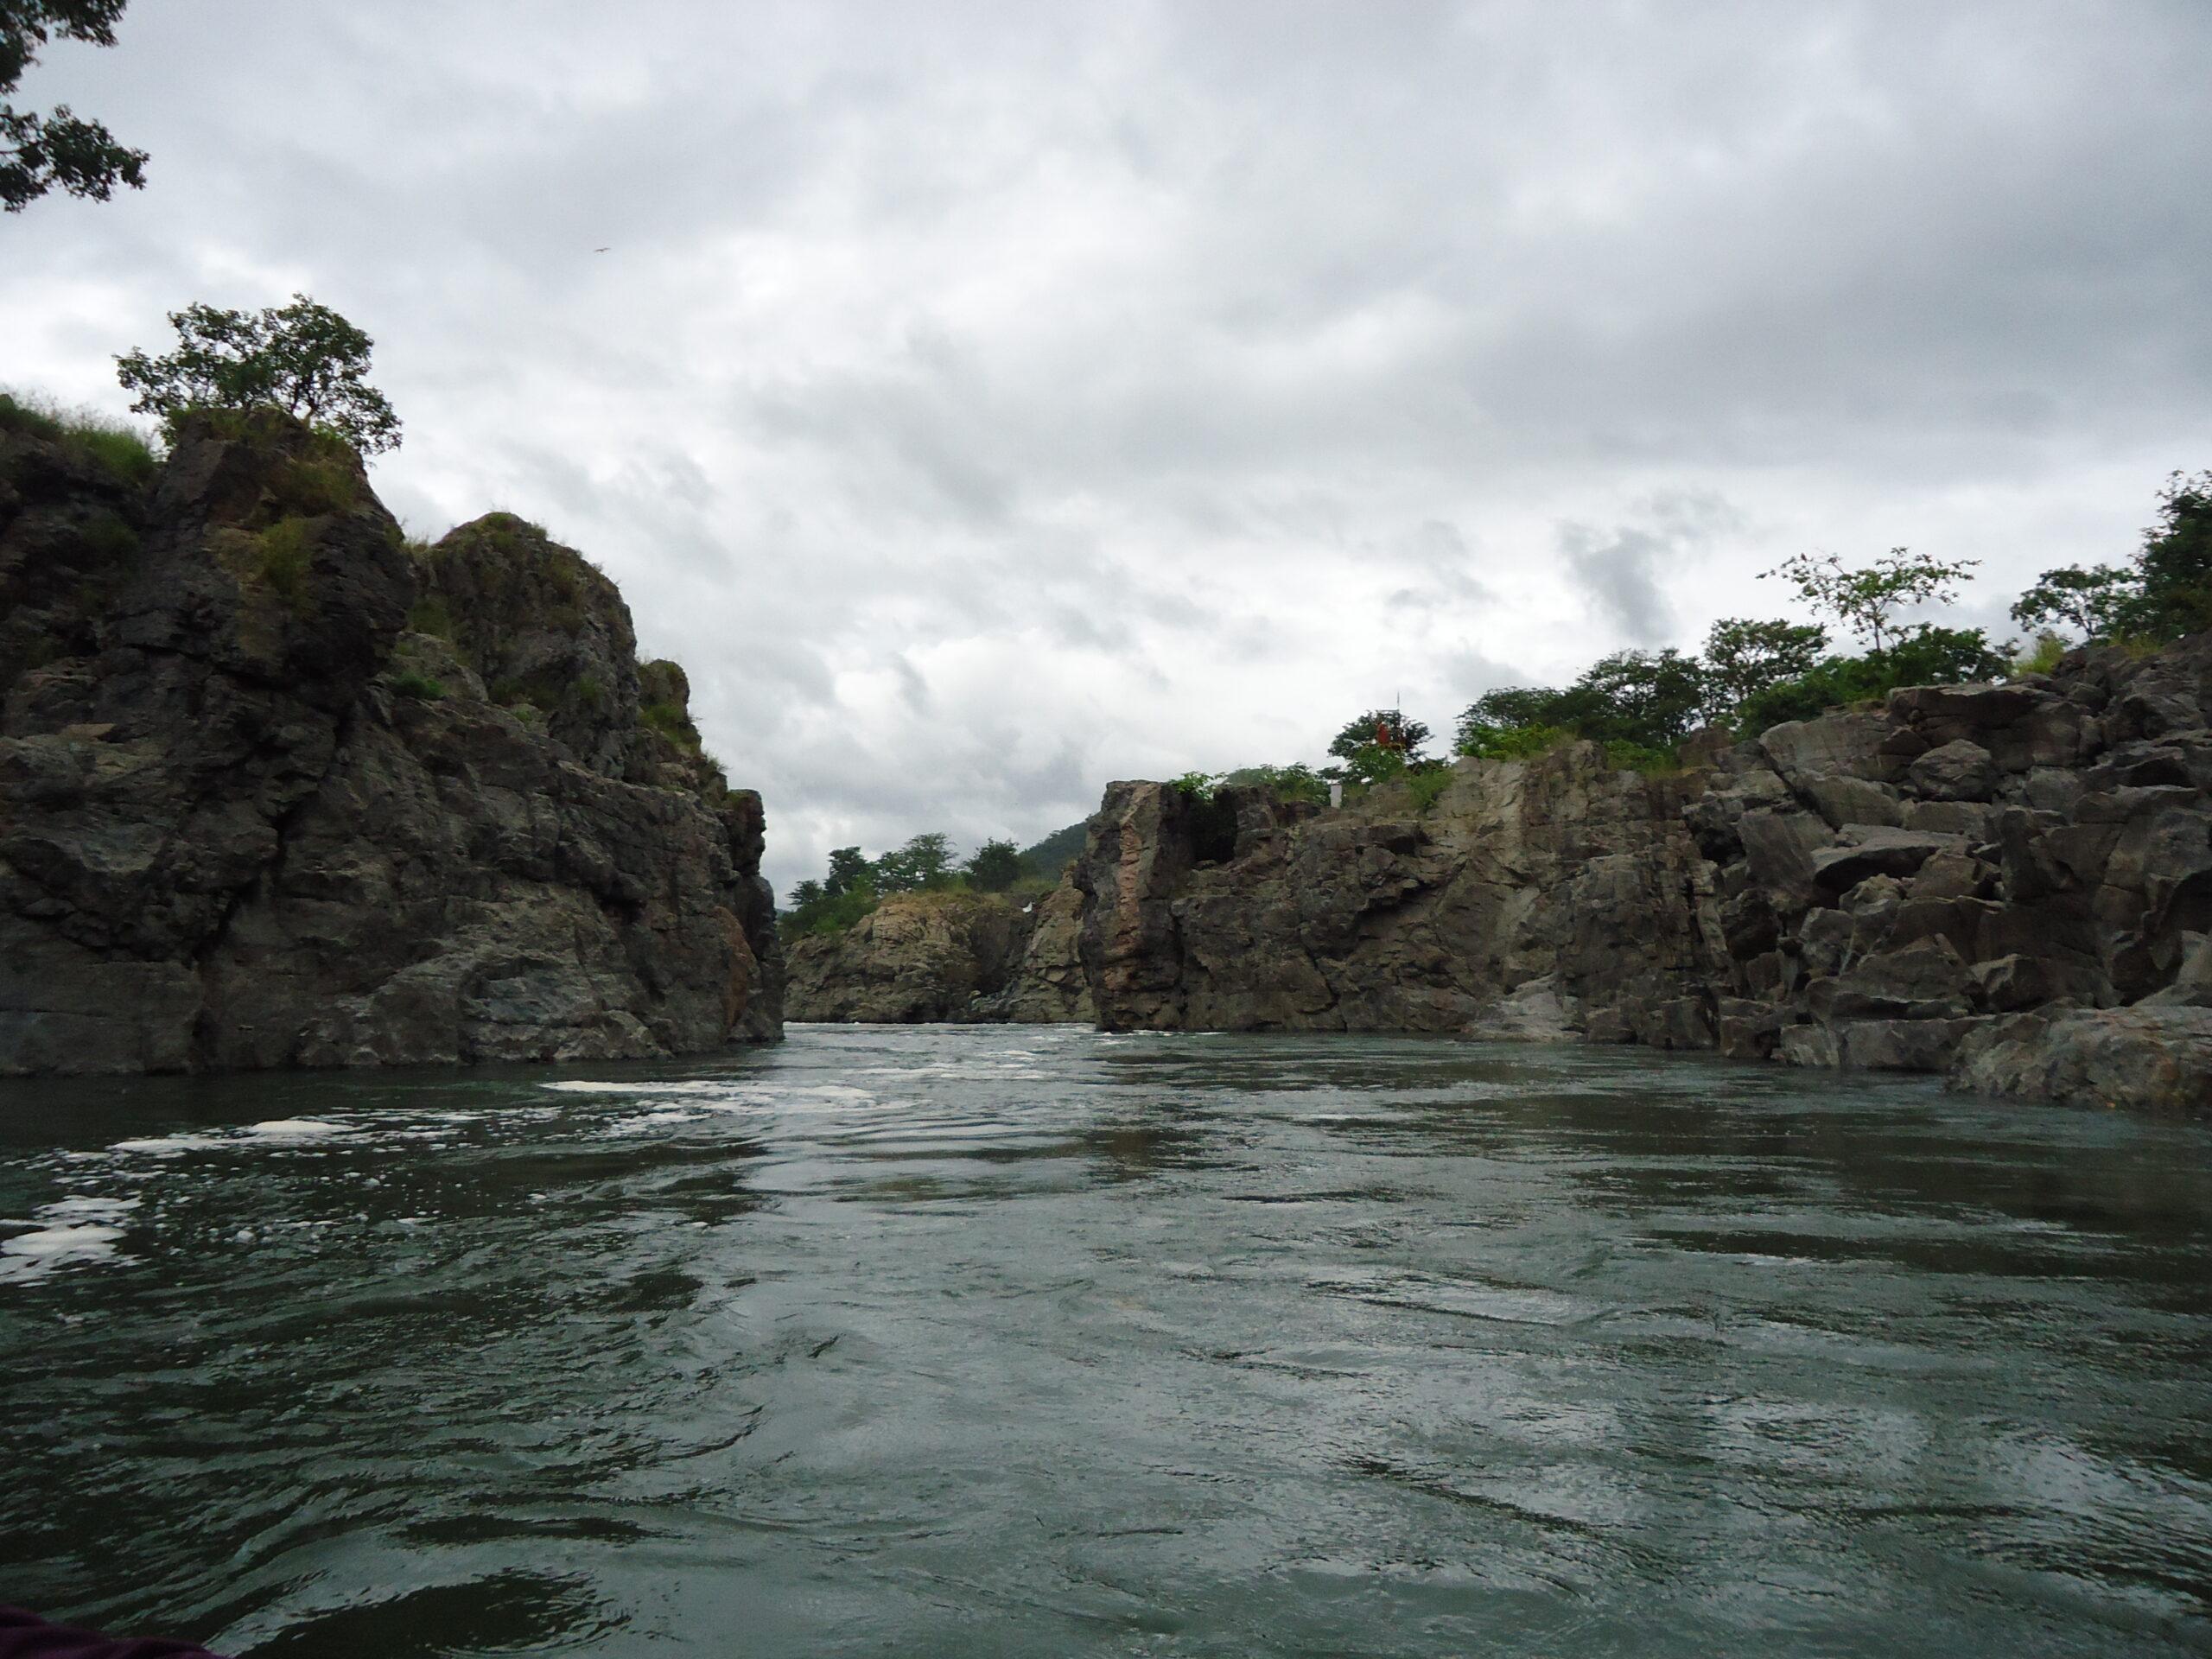 தமிழ்நாட்டில் உள்ள ஆறுகள் | Rivers in Tamil Nadu |_50.1